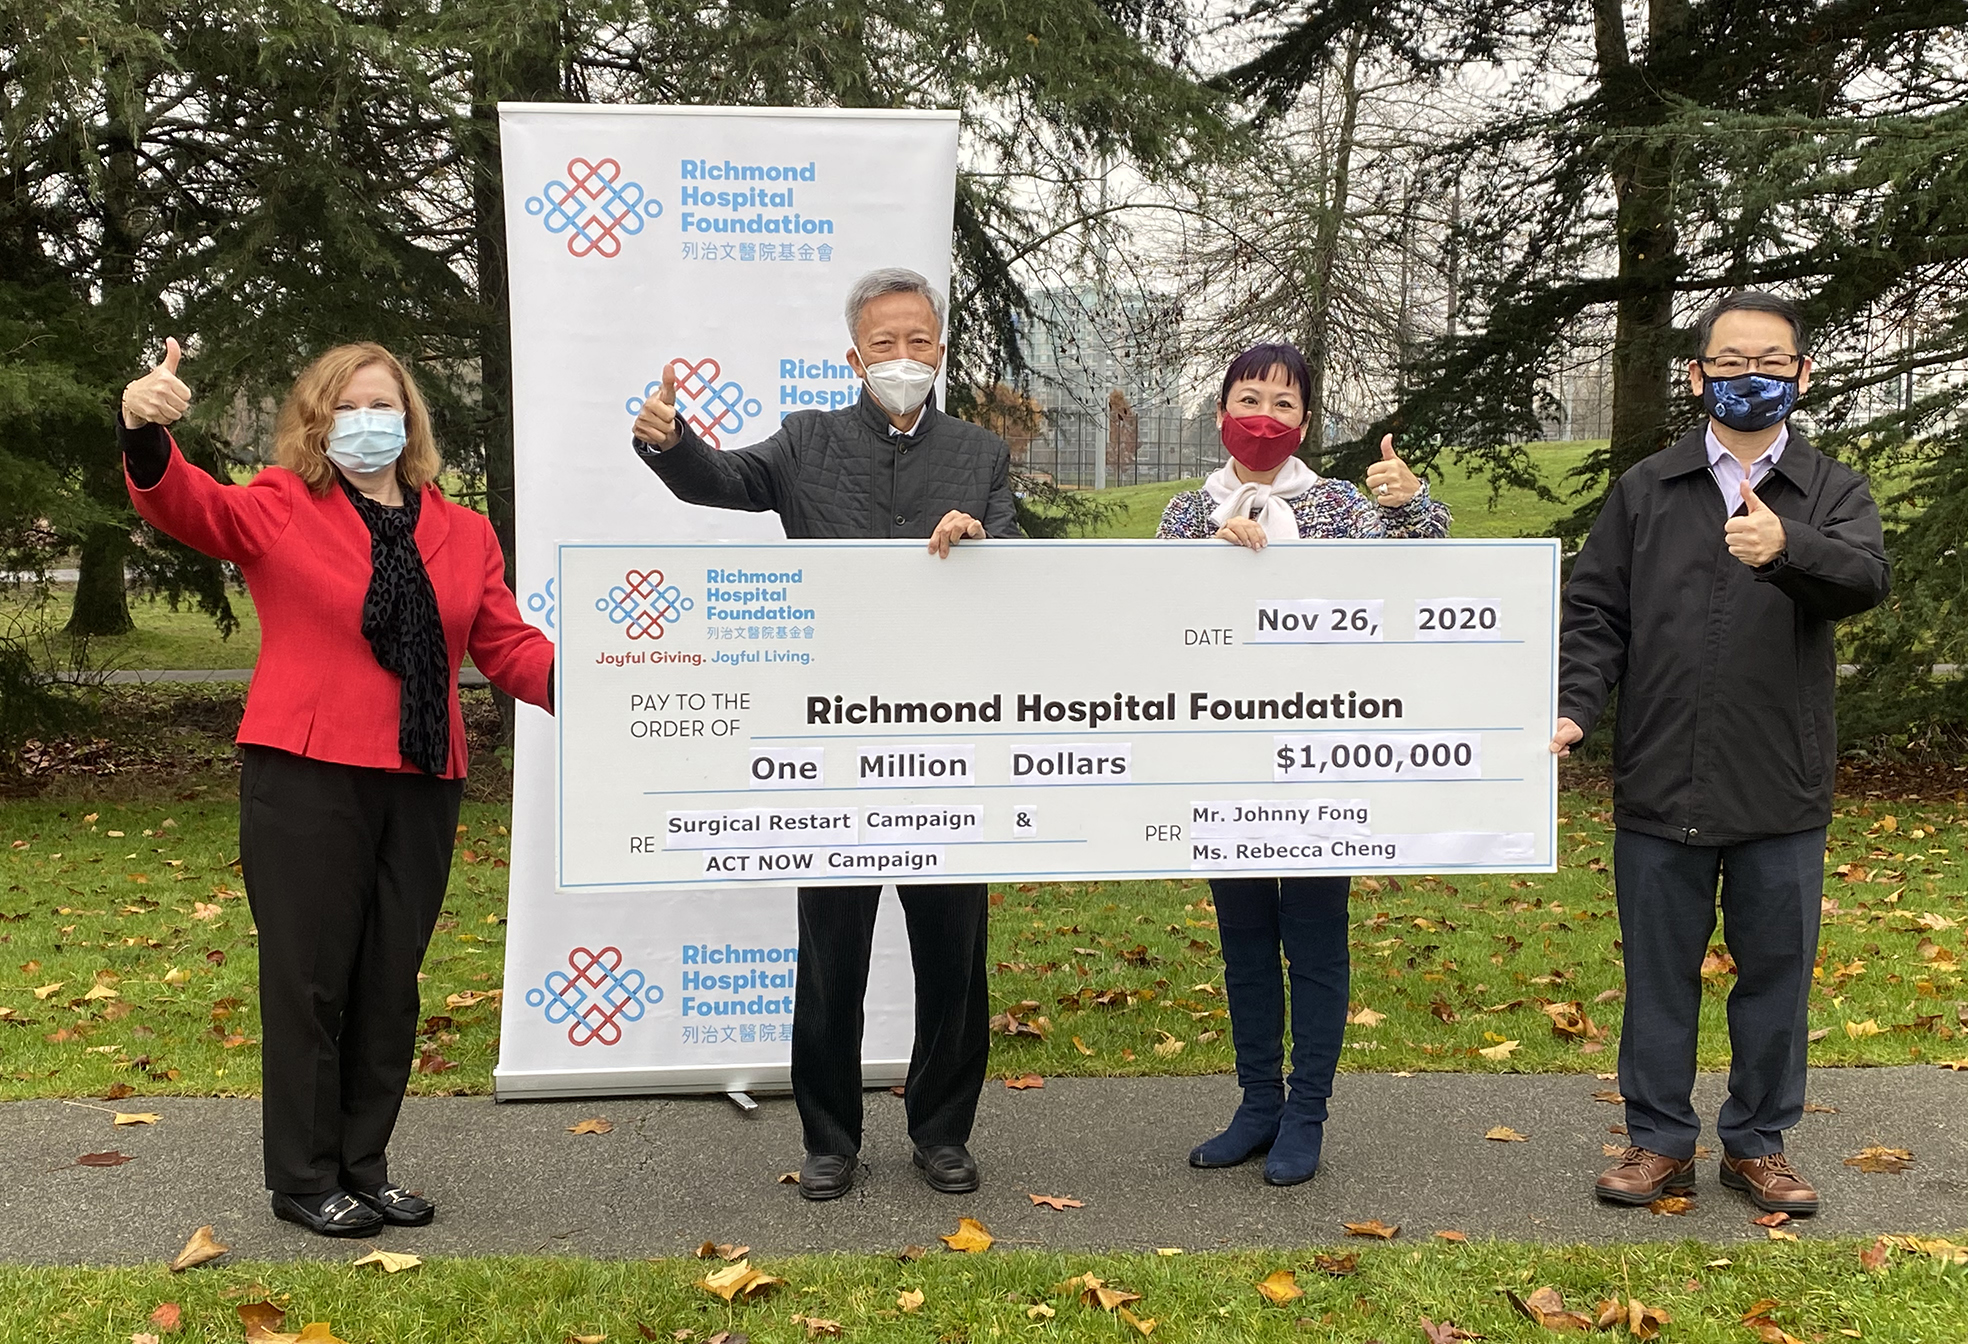 方君学先生及郑晓航女士捐赠$1,000,000予列治文医院基金会